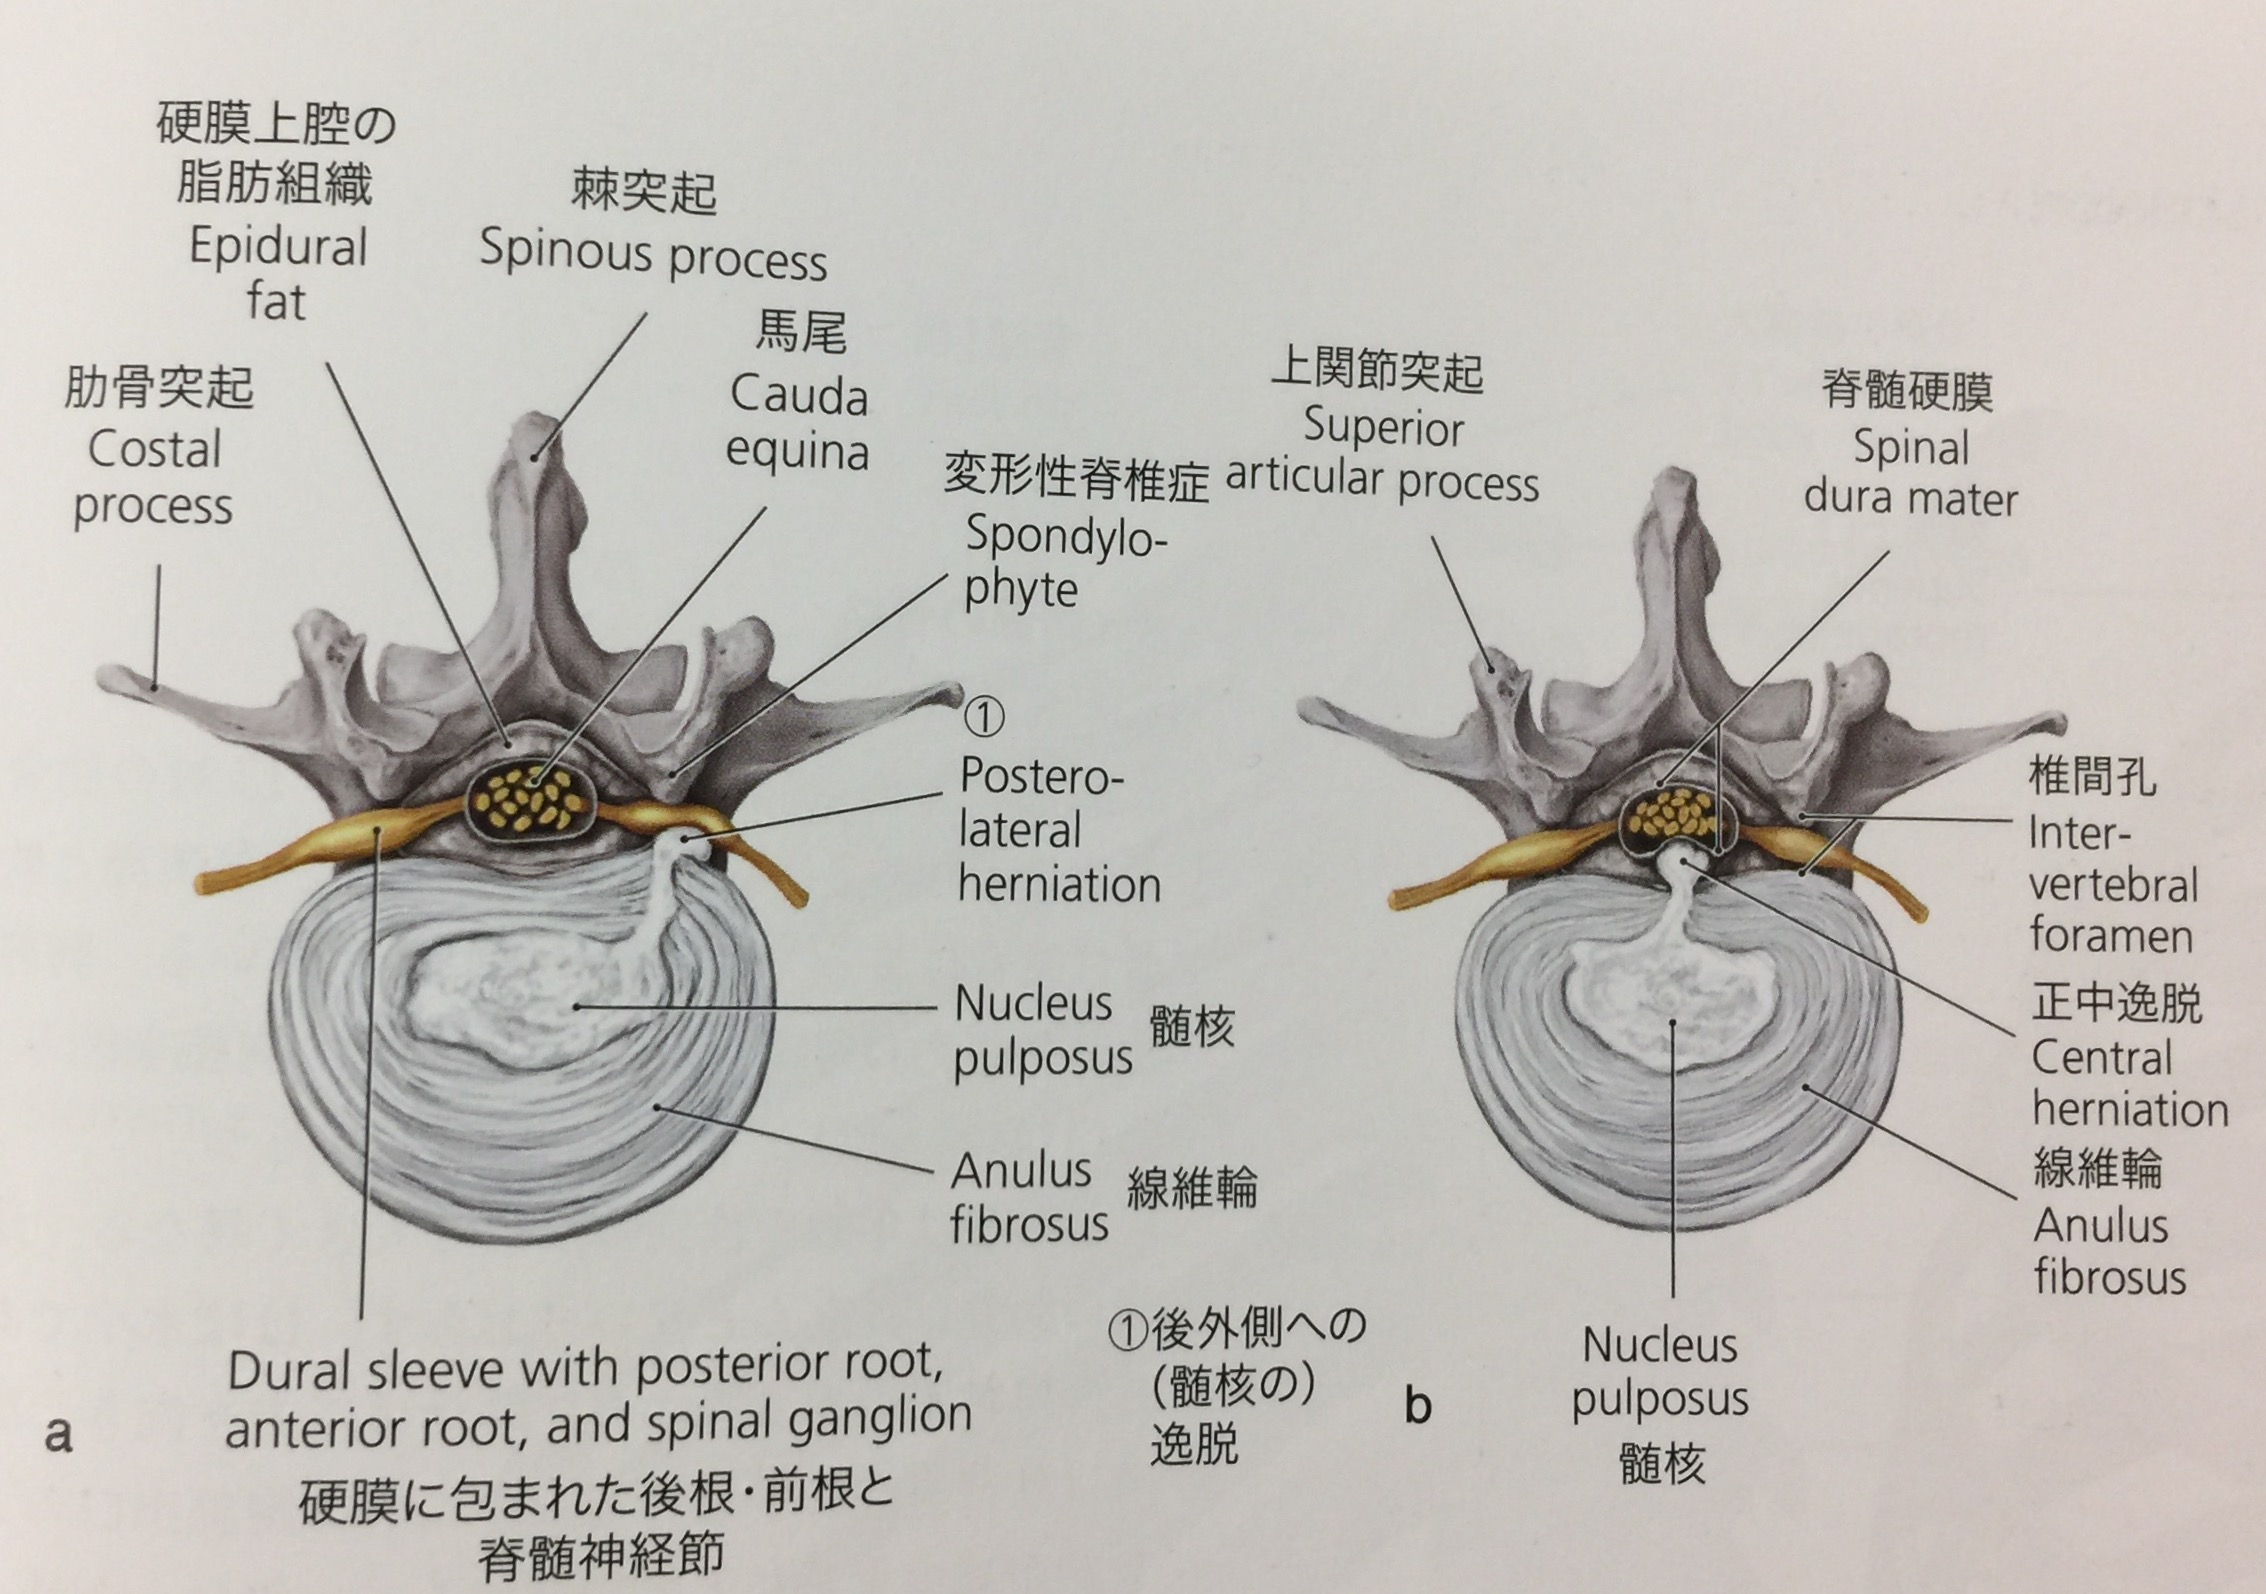 解剖学 腰椎、椎間板ヘルニア